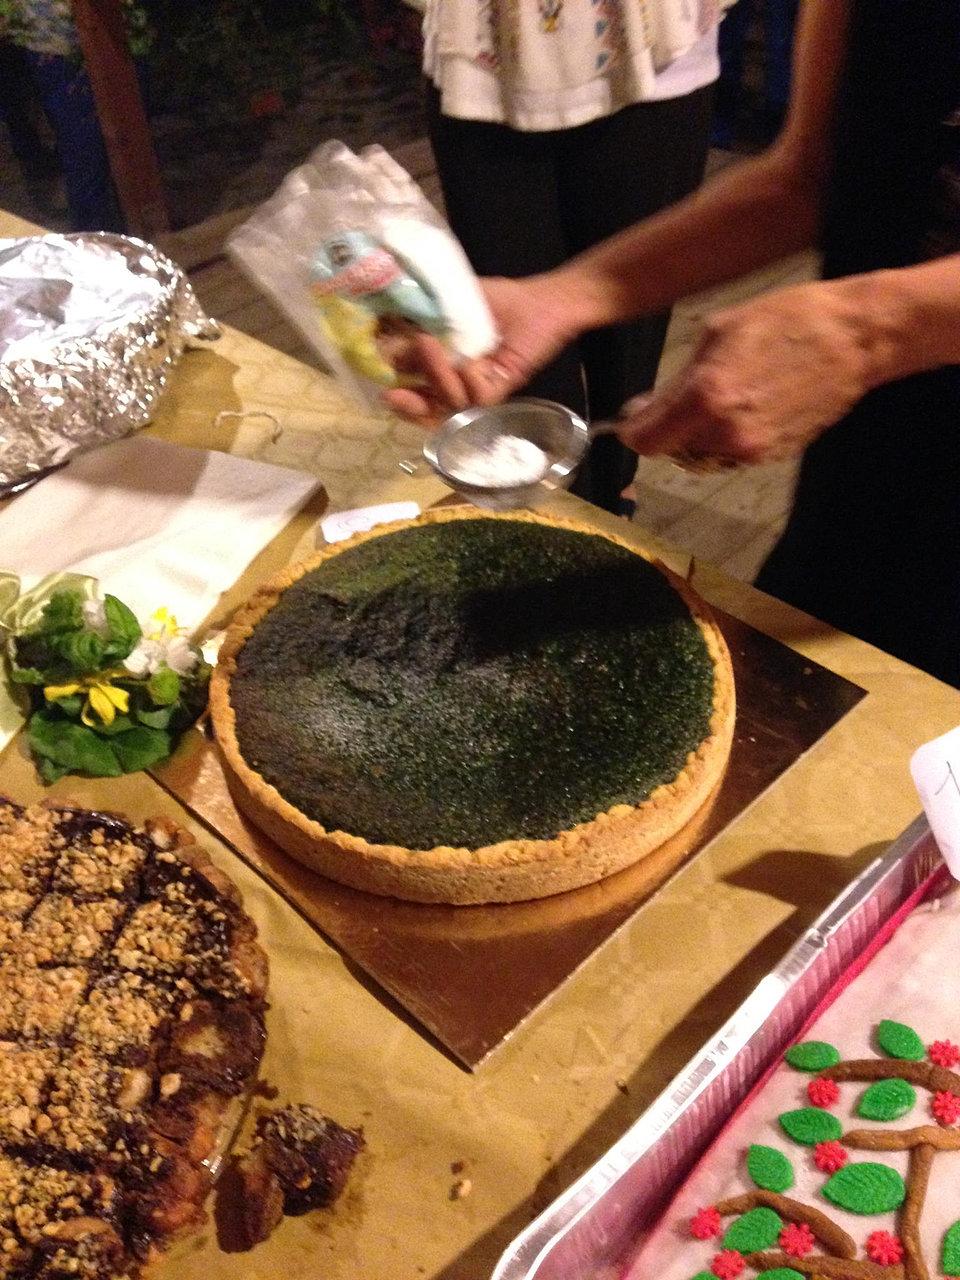 archivio fotografie - Corsi Di Cucina Reggio Emilia